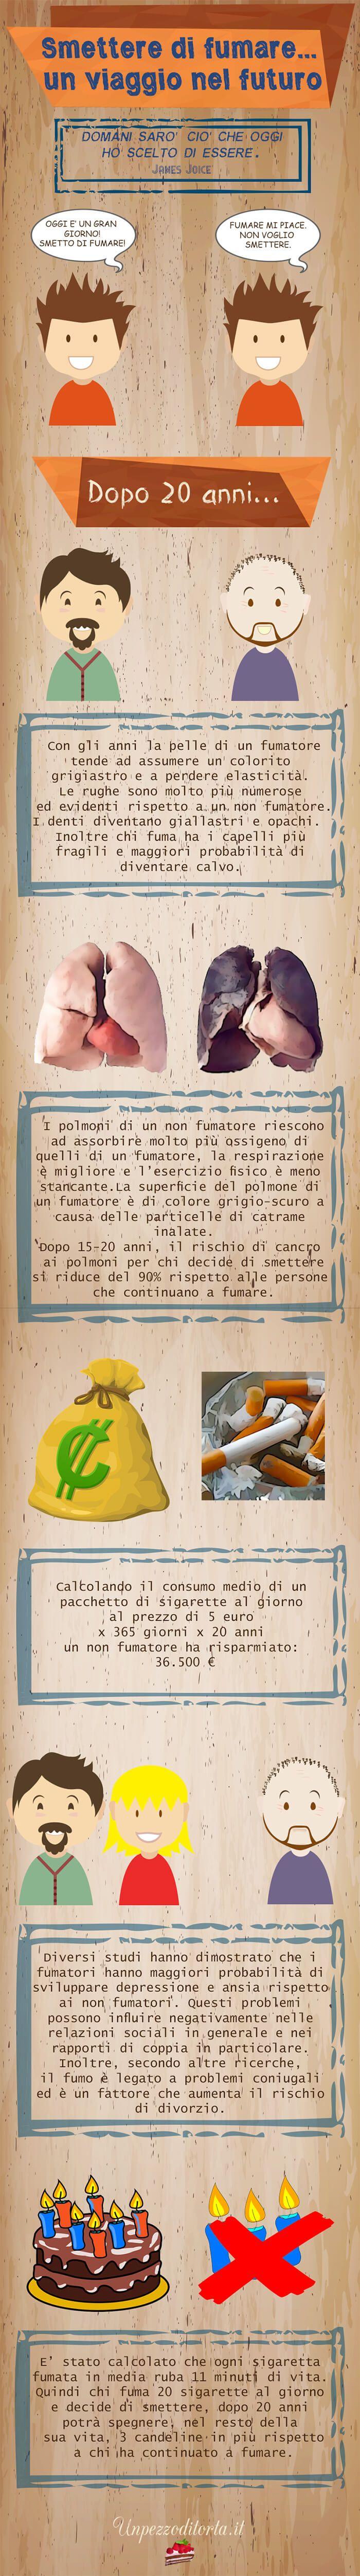 #infografica: Smettere di fumare.. un viaggio nel futuro. | Unpezzoditorta.it #infografiche